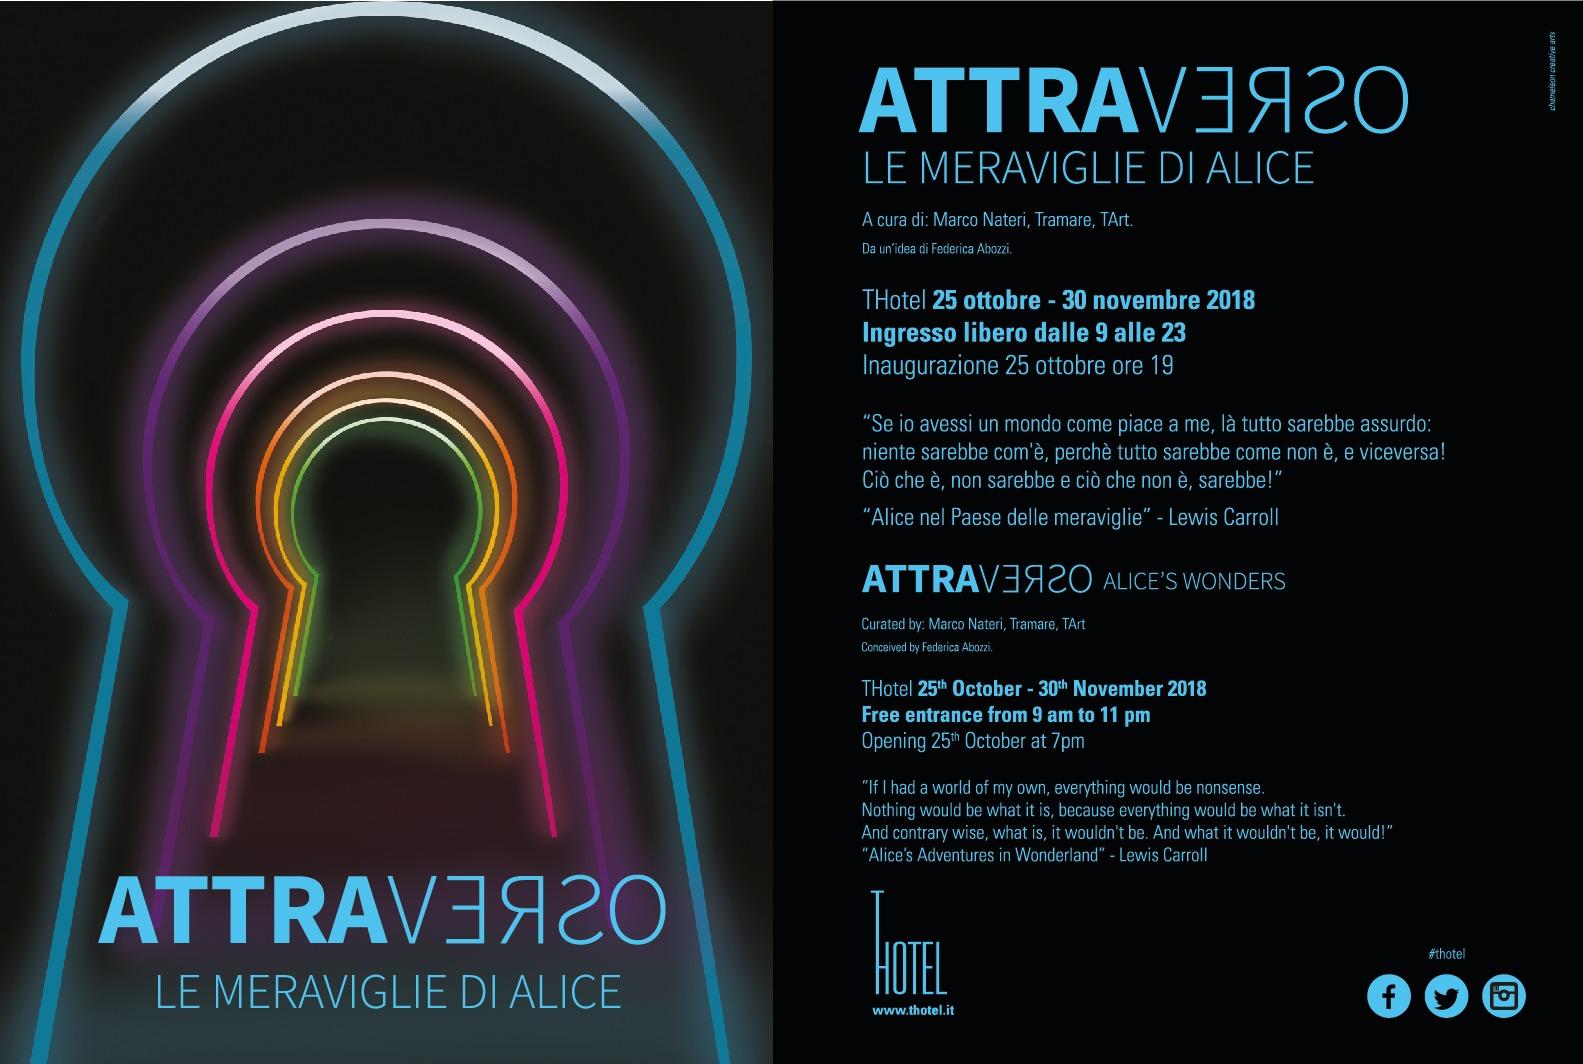 image001 Il TArt presenta l'esposizione AttraVerso le Meraviglie di Alice